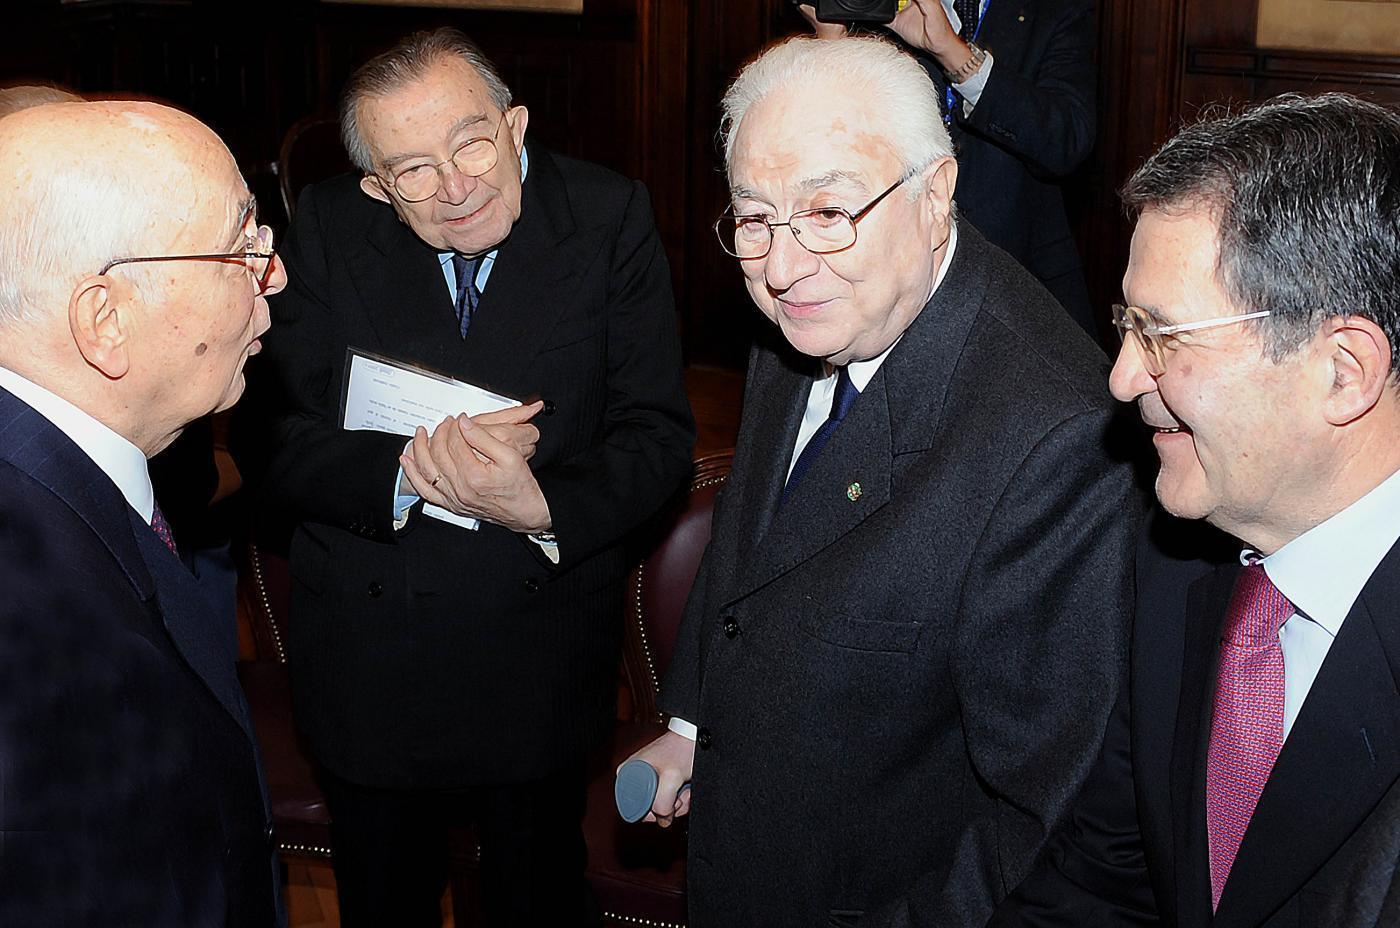 Con Cossiga, Napolitano e Prodi - 2008